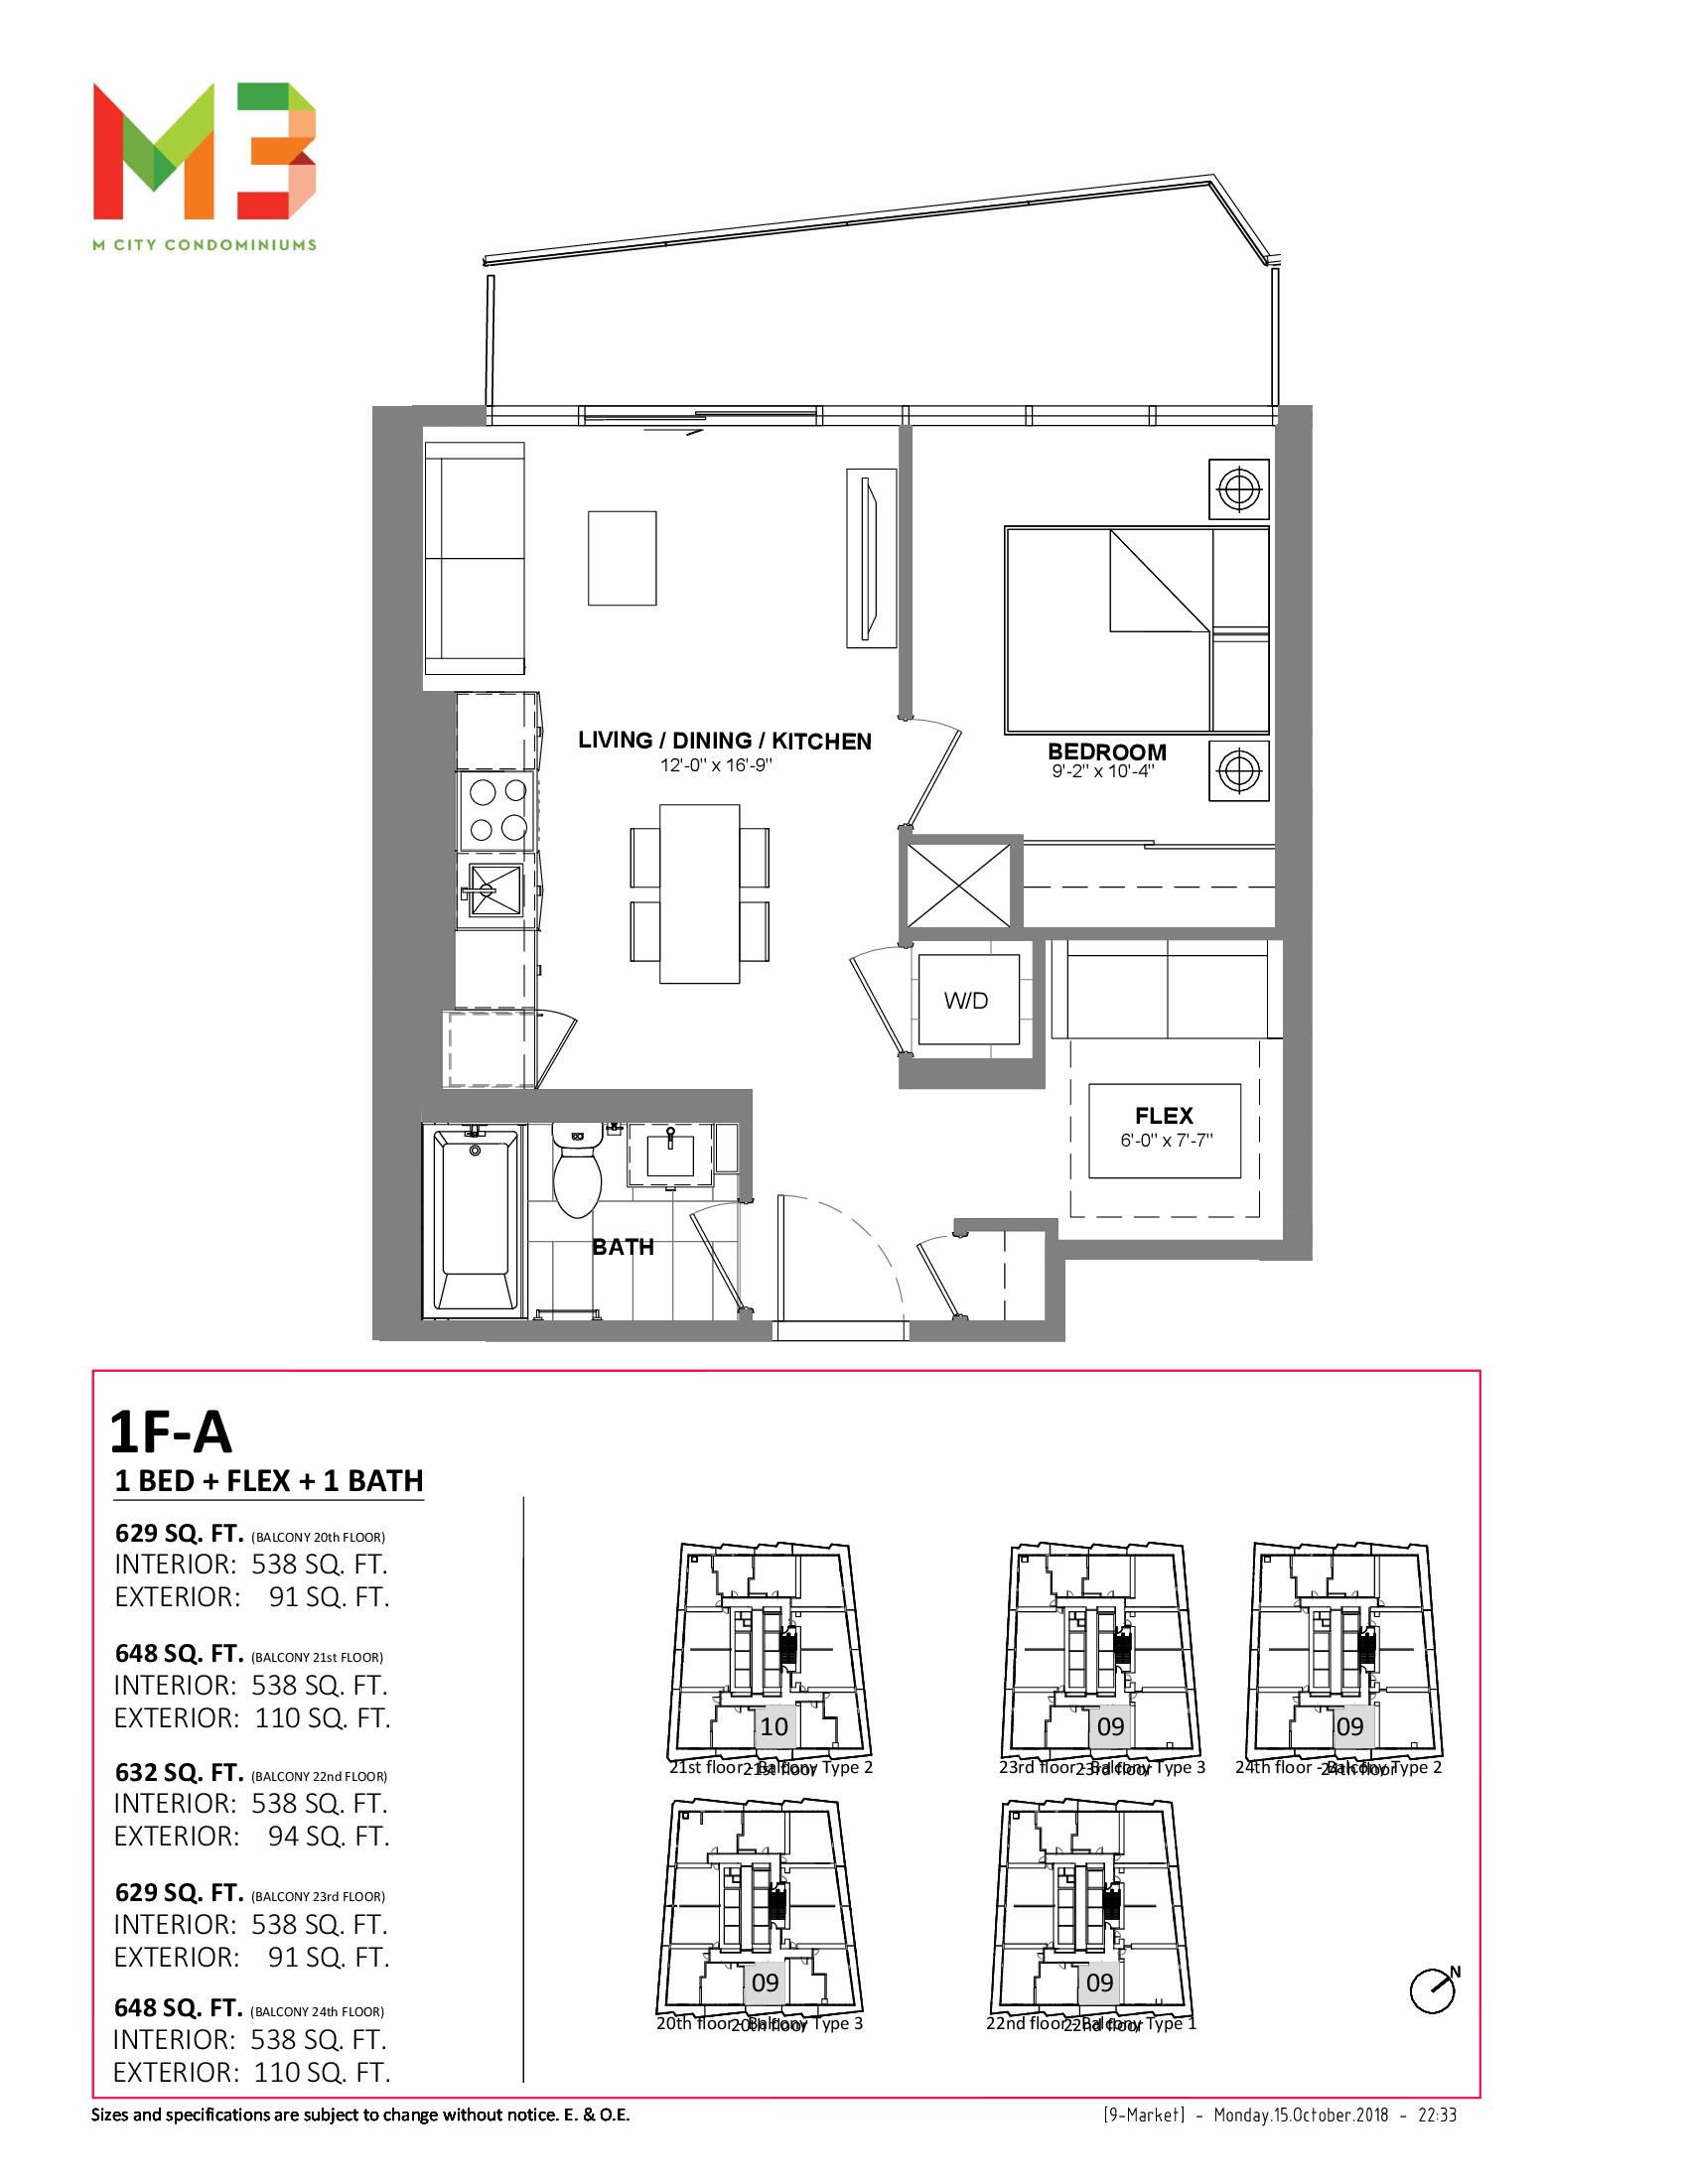 1F-A Floor Plan at M3 Condos - 538 sq.ft